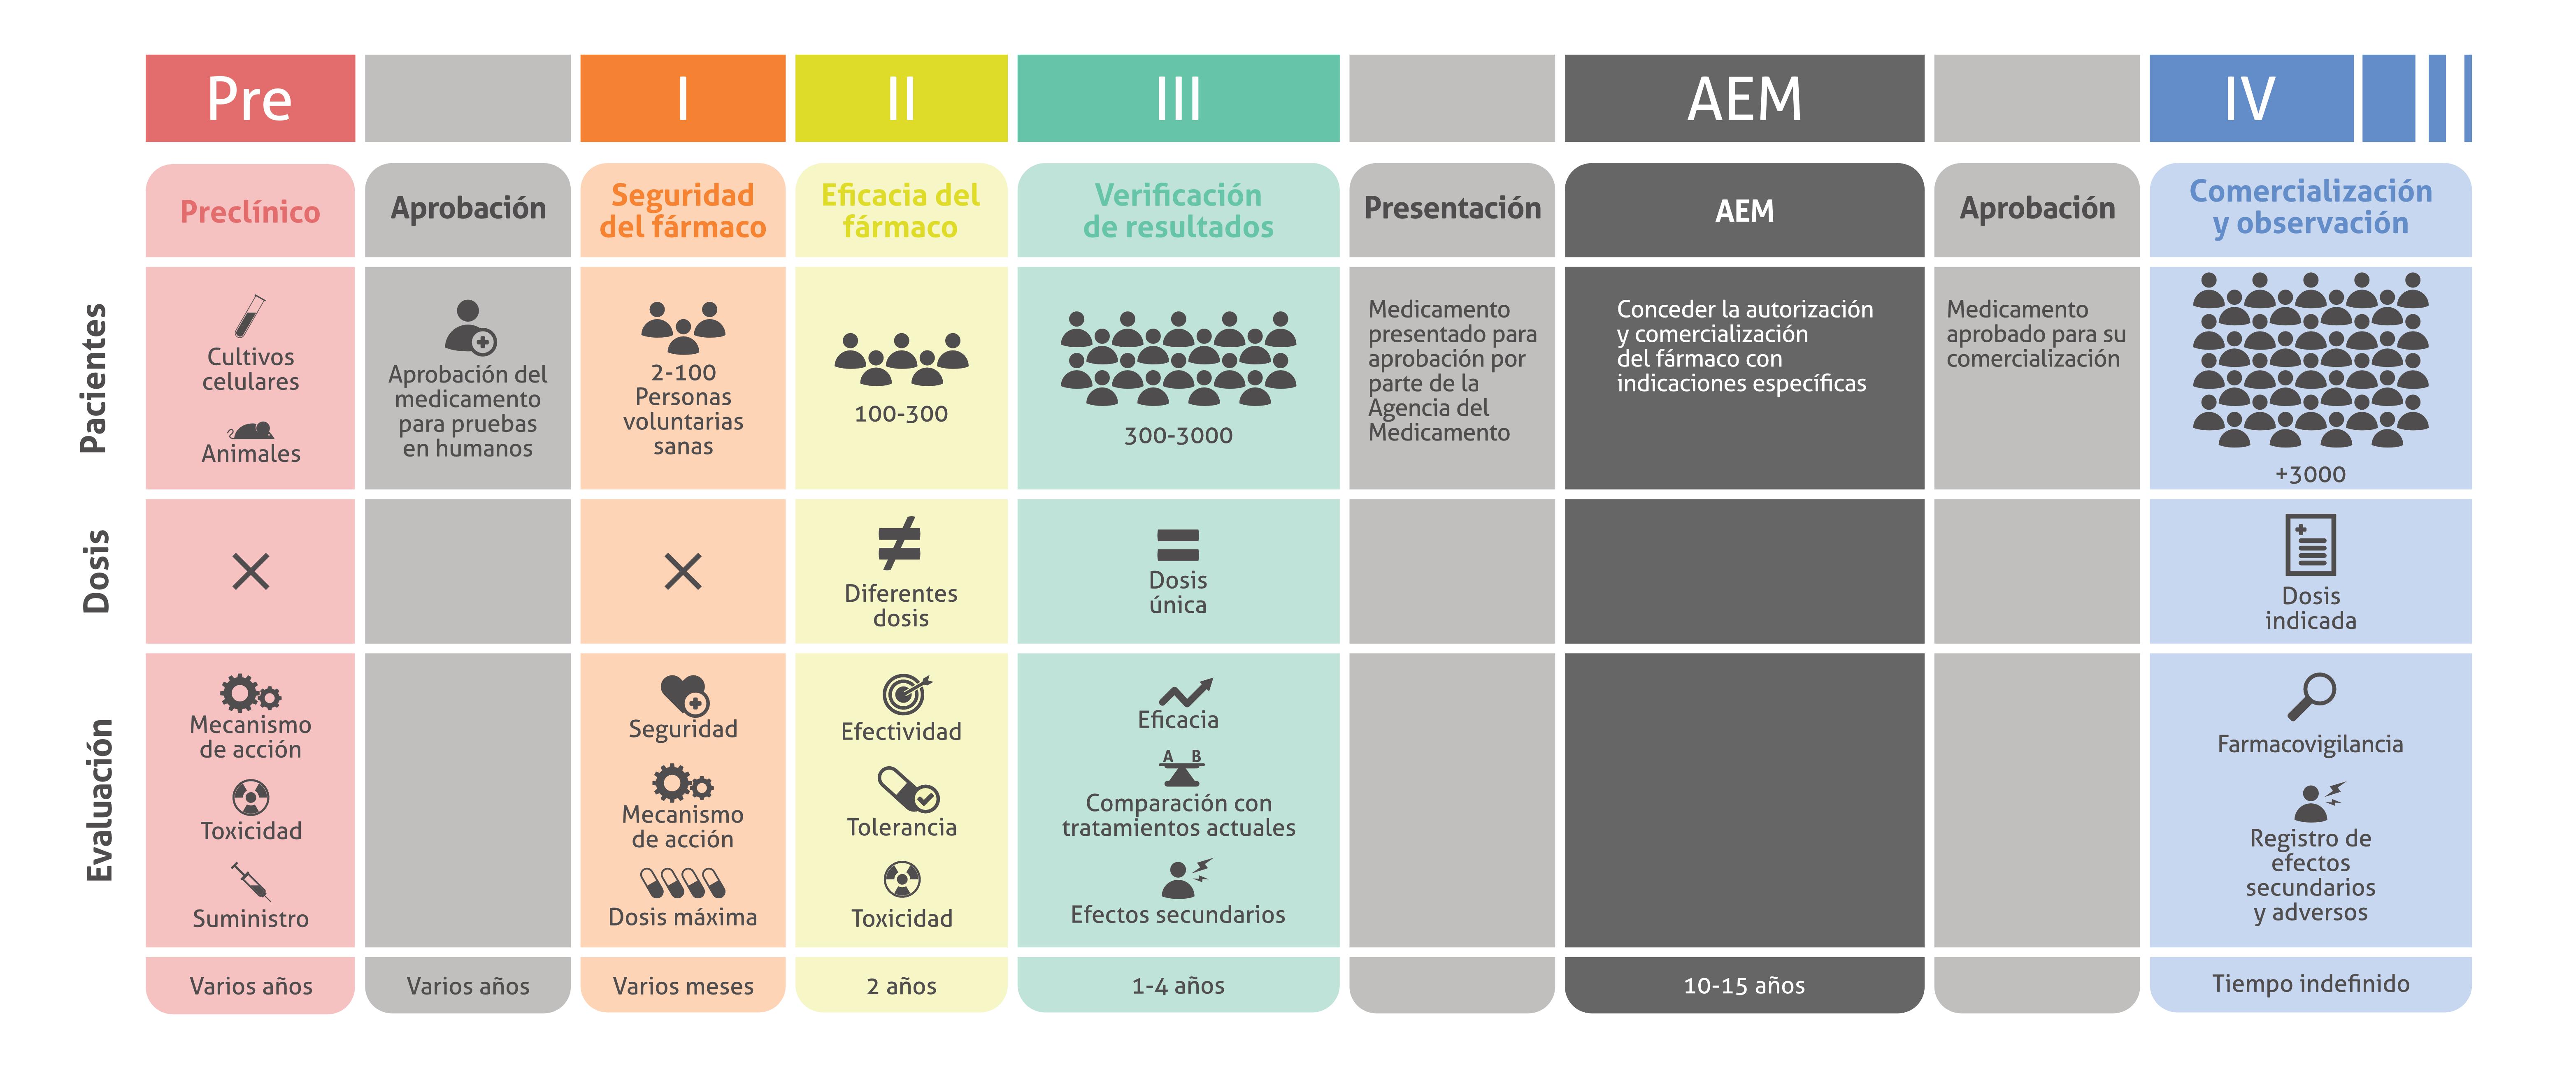 AEACaP - Ensayos clinicos